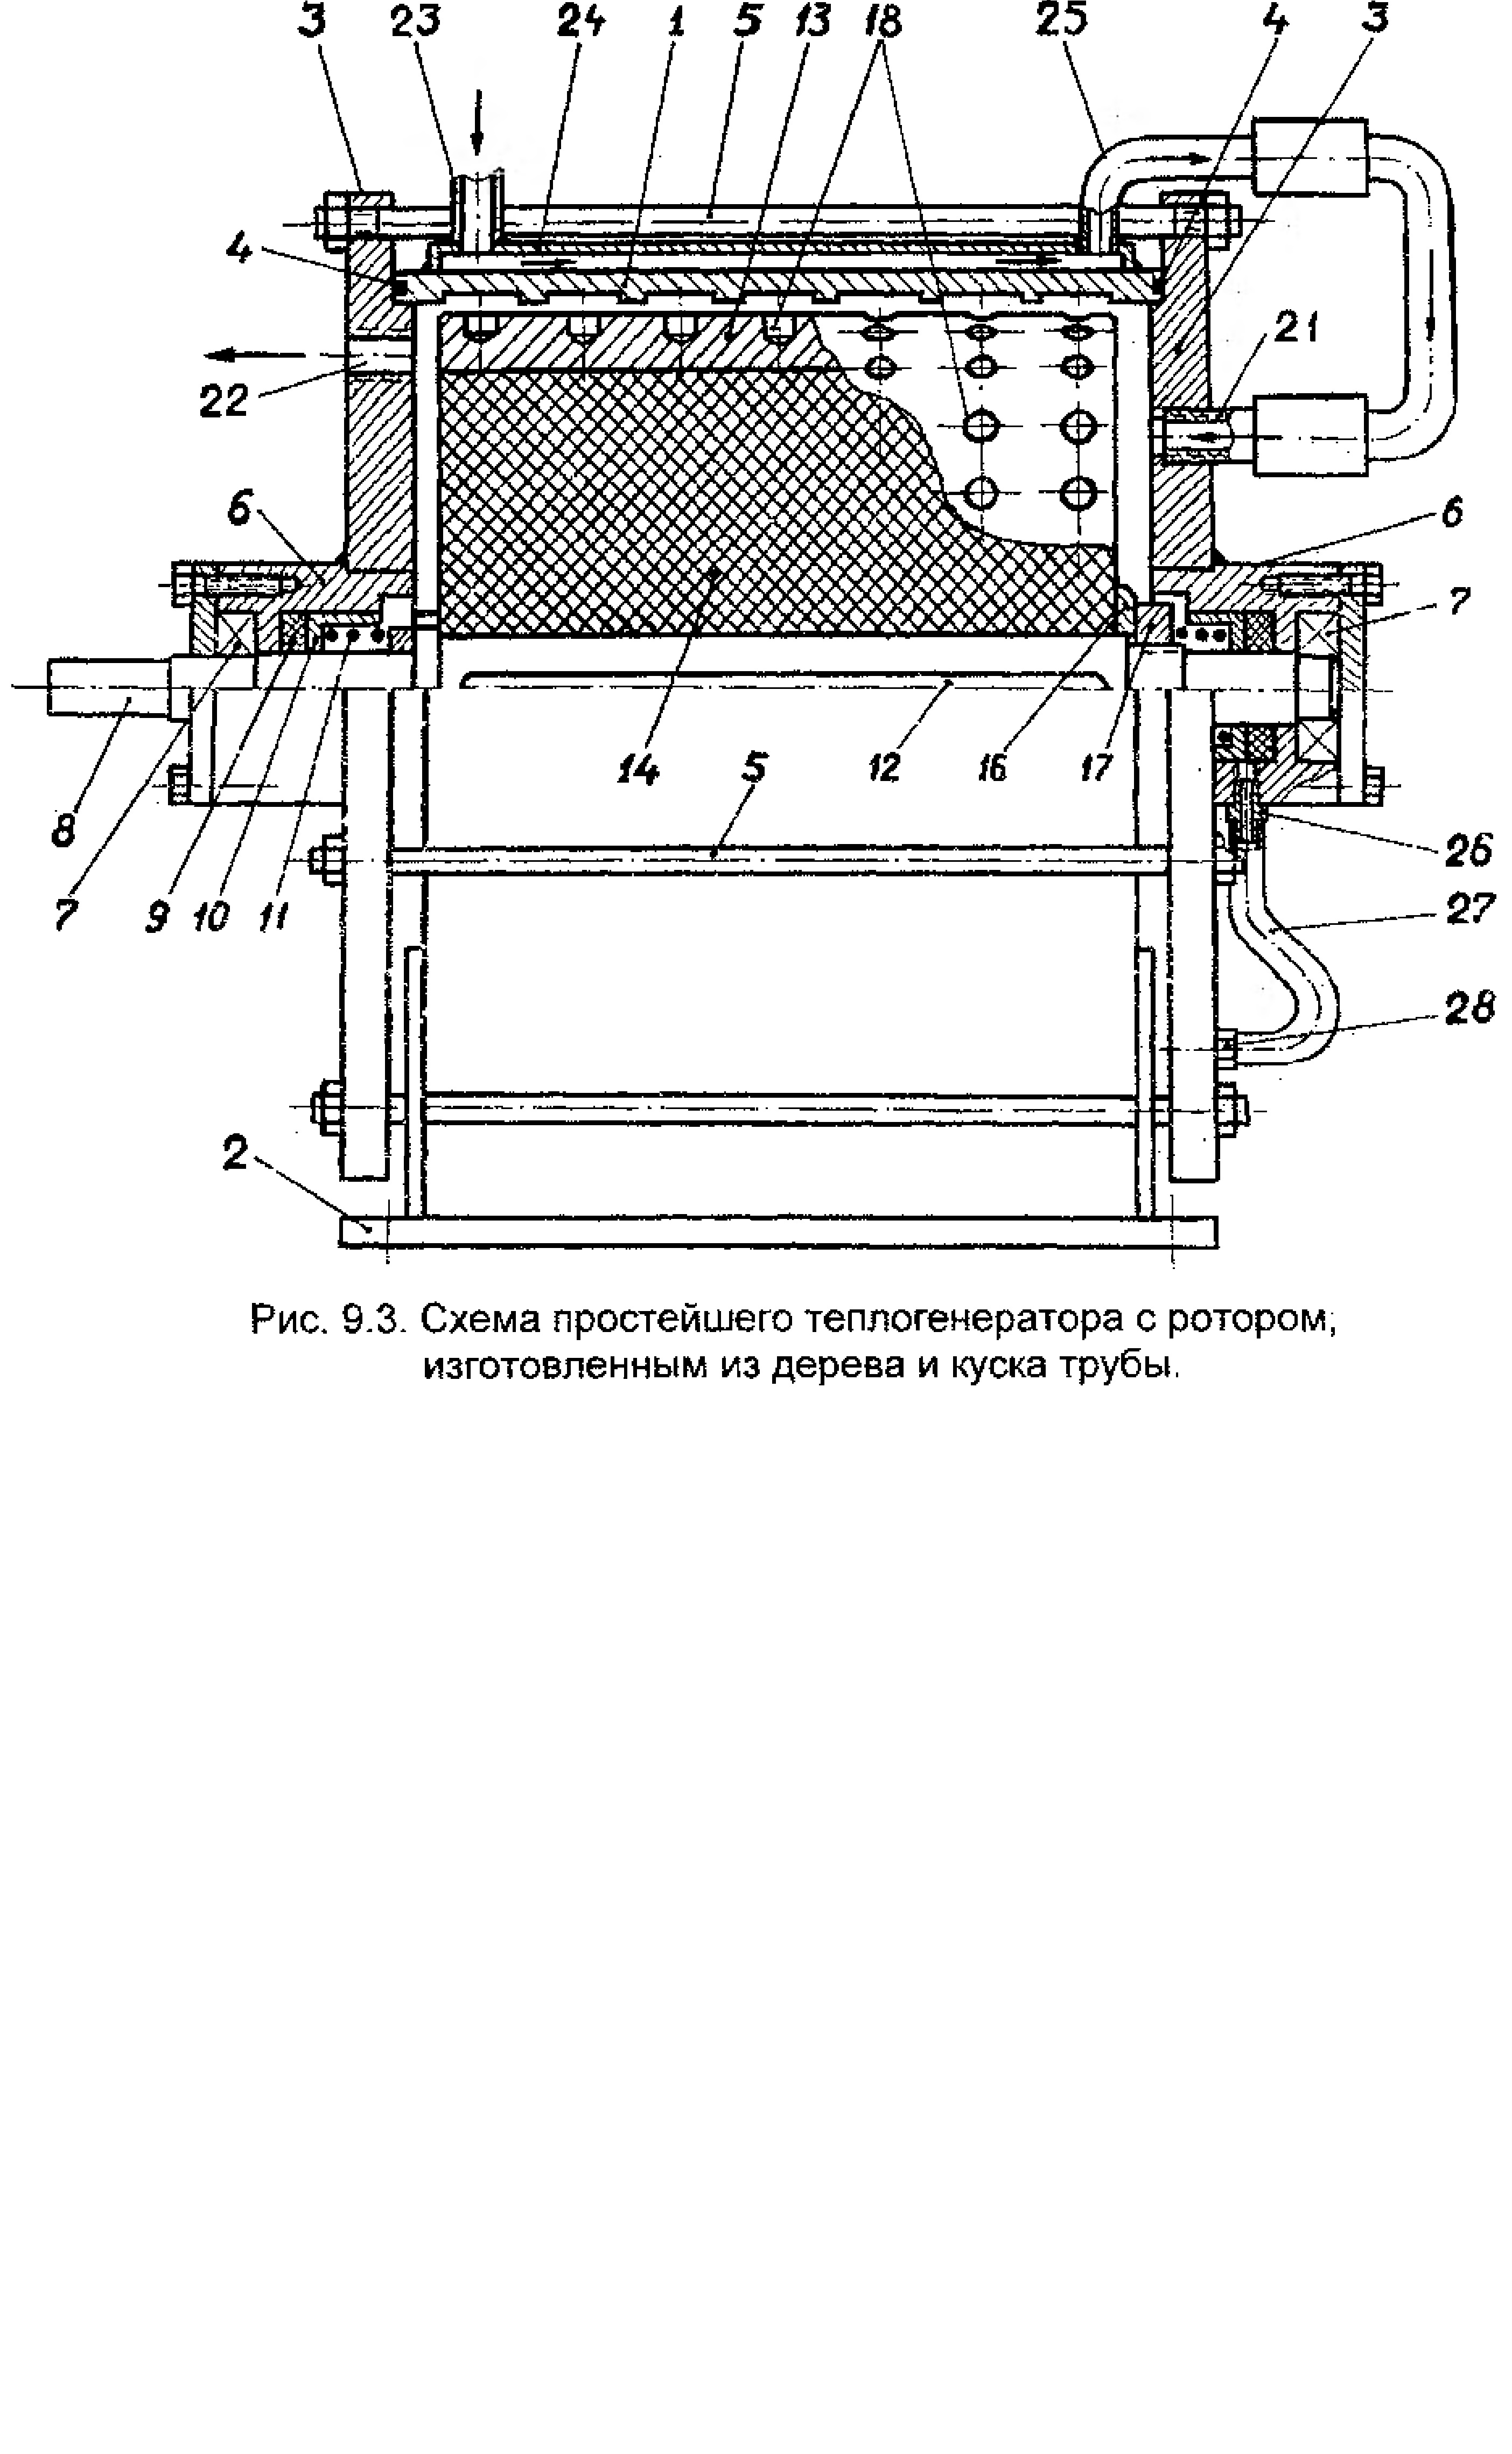 Все плюсы и минусы кавитационного теплогенератора